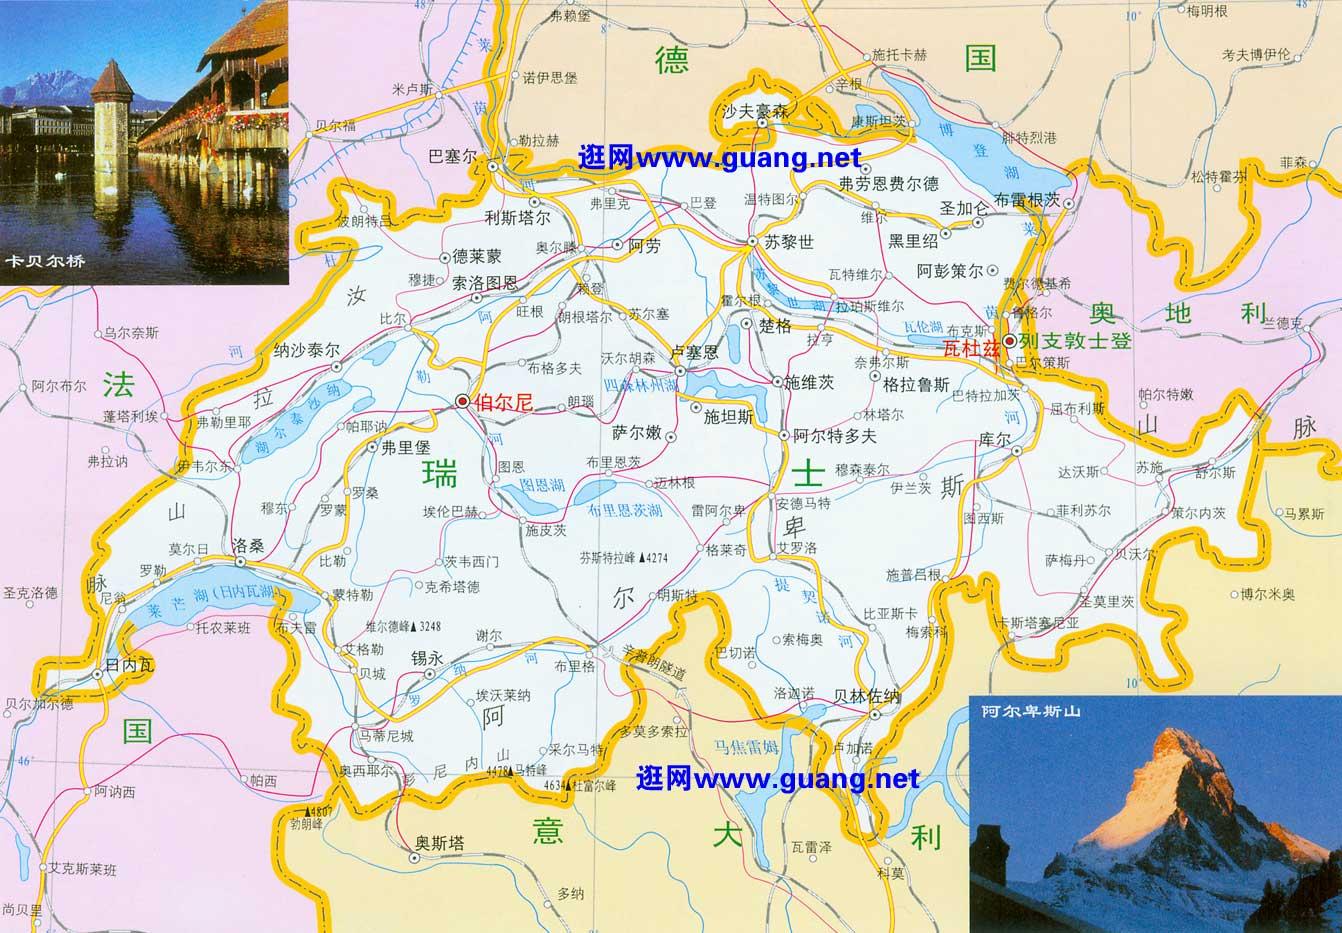 中東 地圖 中文 版